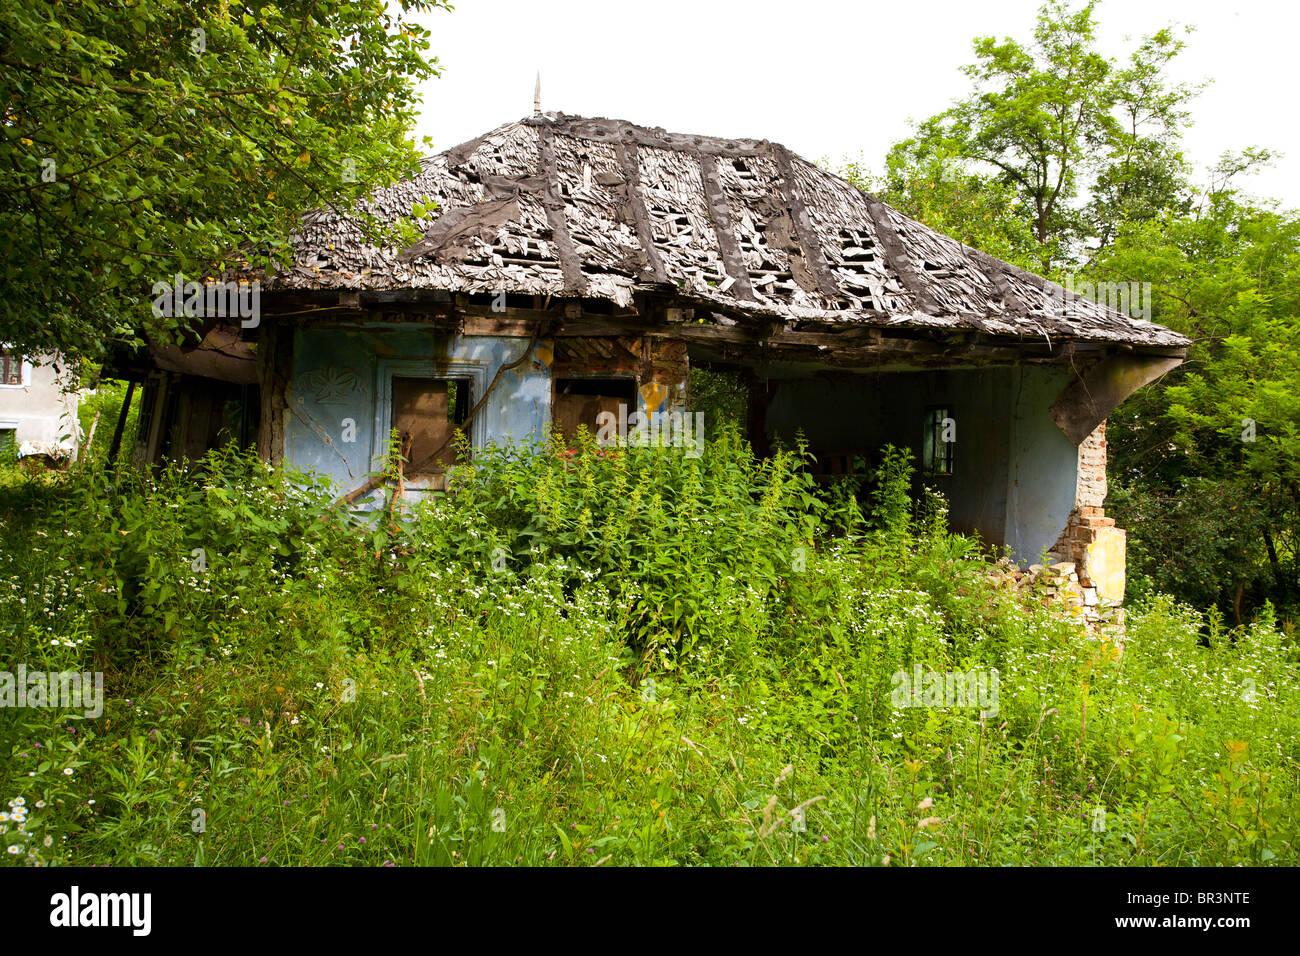 Ancienne maison en ruines couvertes de végétation Banque D'Images